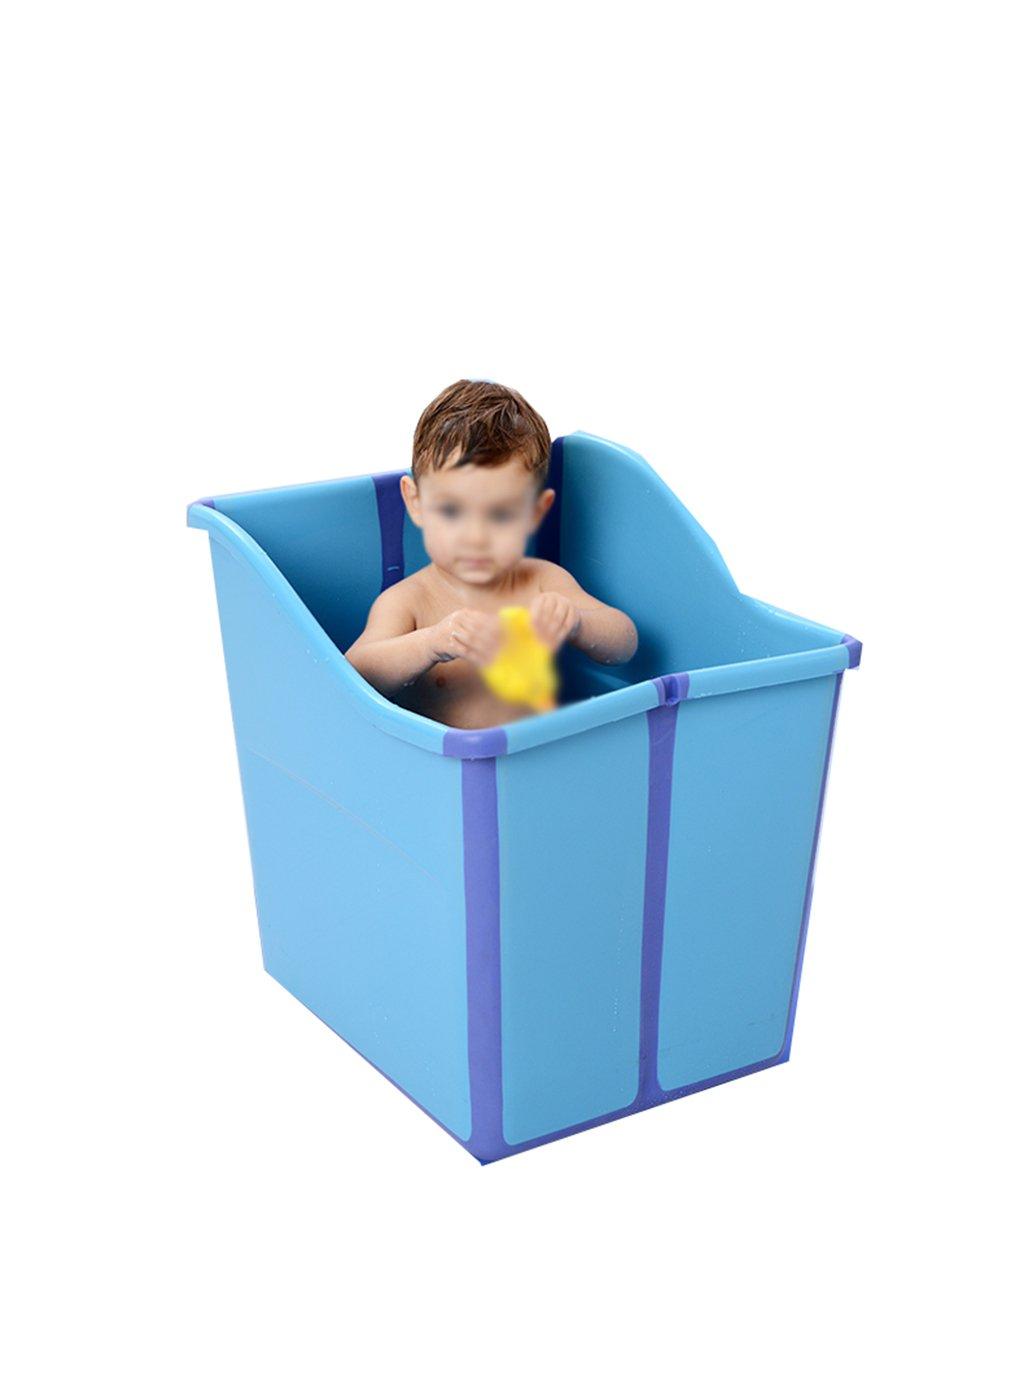 AJZGF Aufblasbare aufblasbare Kinderbadewanne 90  70 cm der Haushaltsisolierung Badewanne ( Farbe   Ölau )